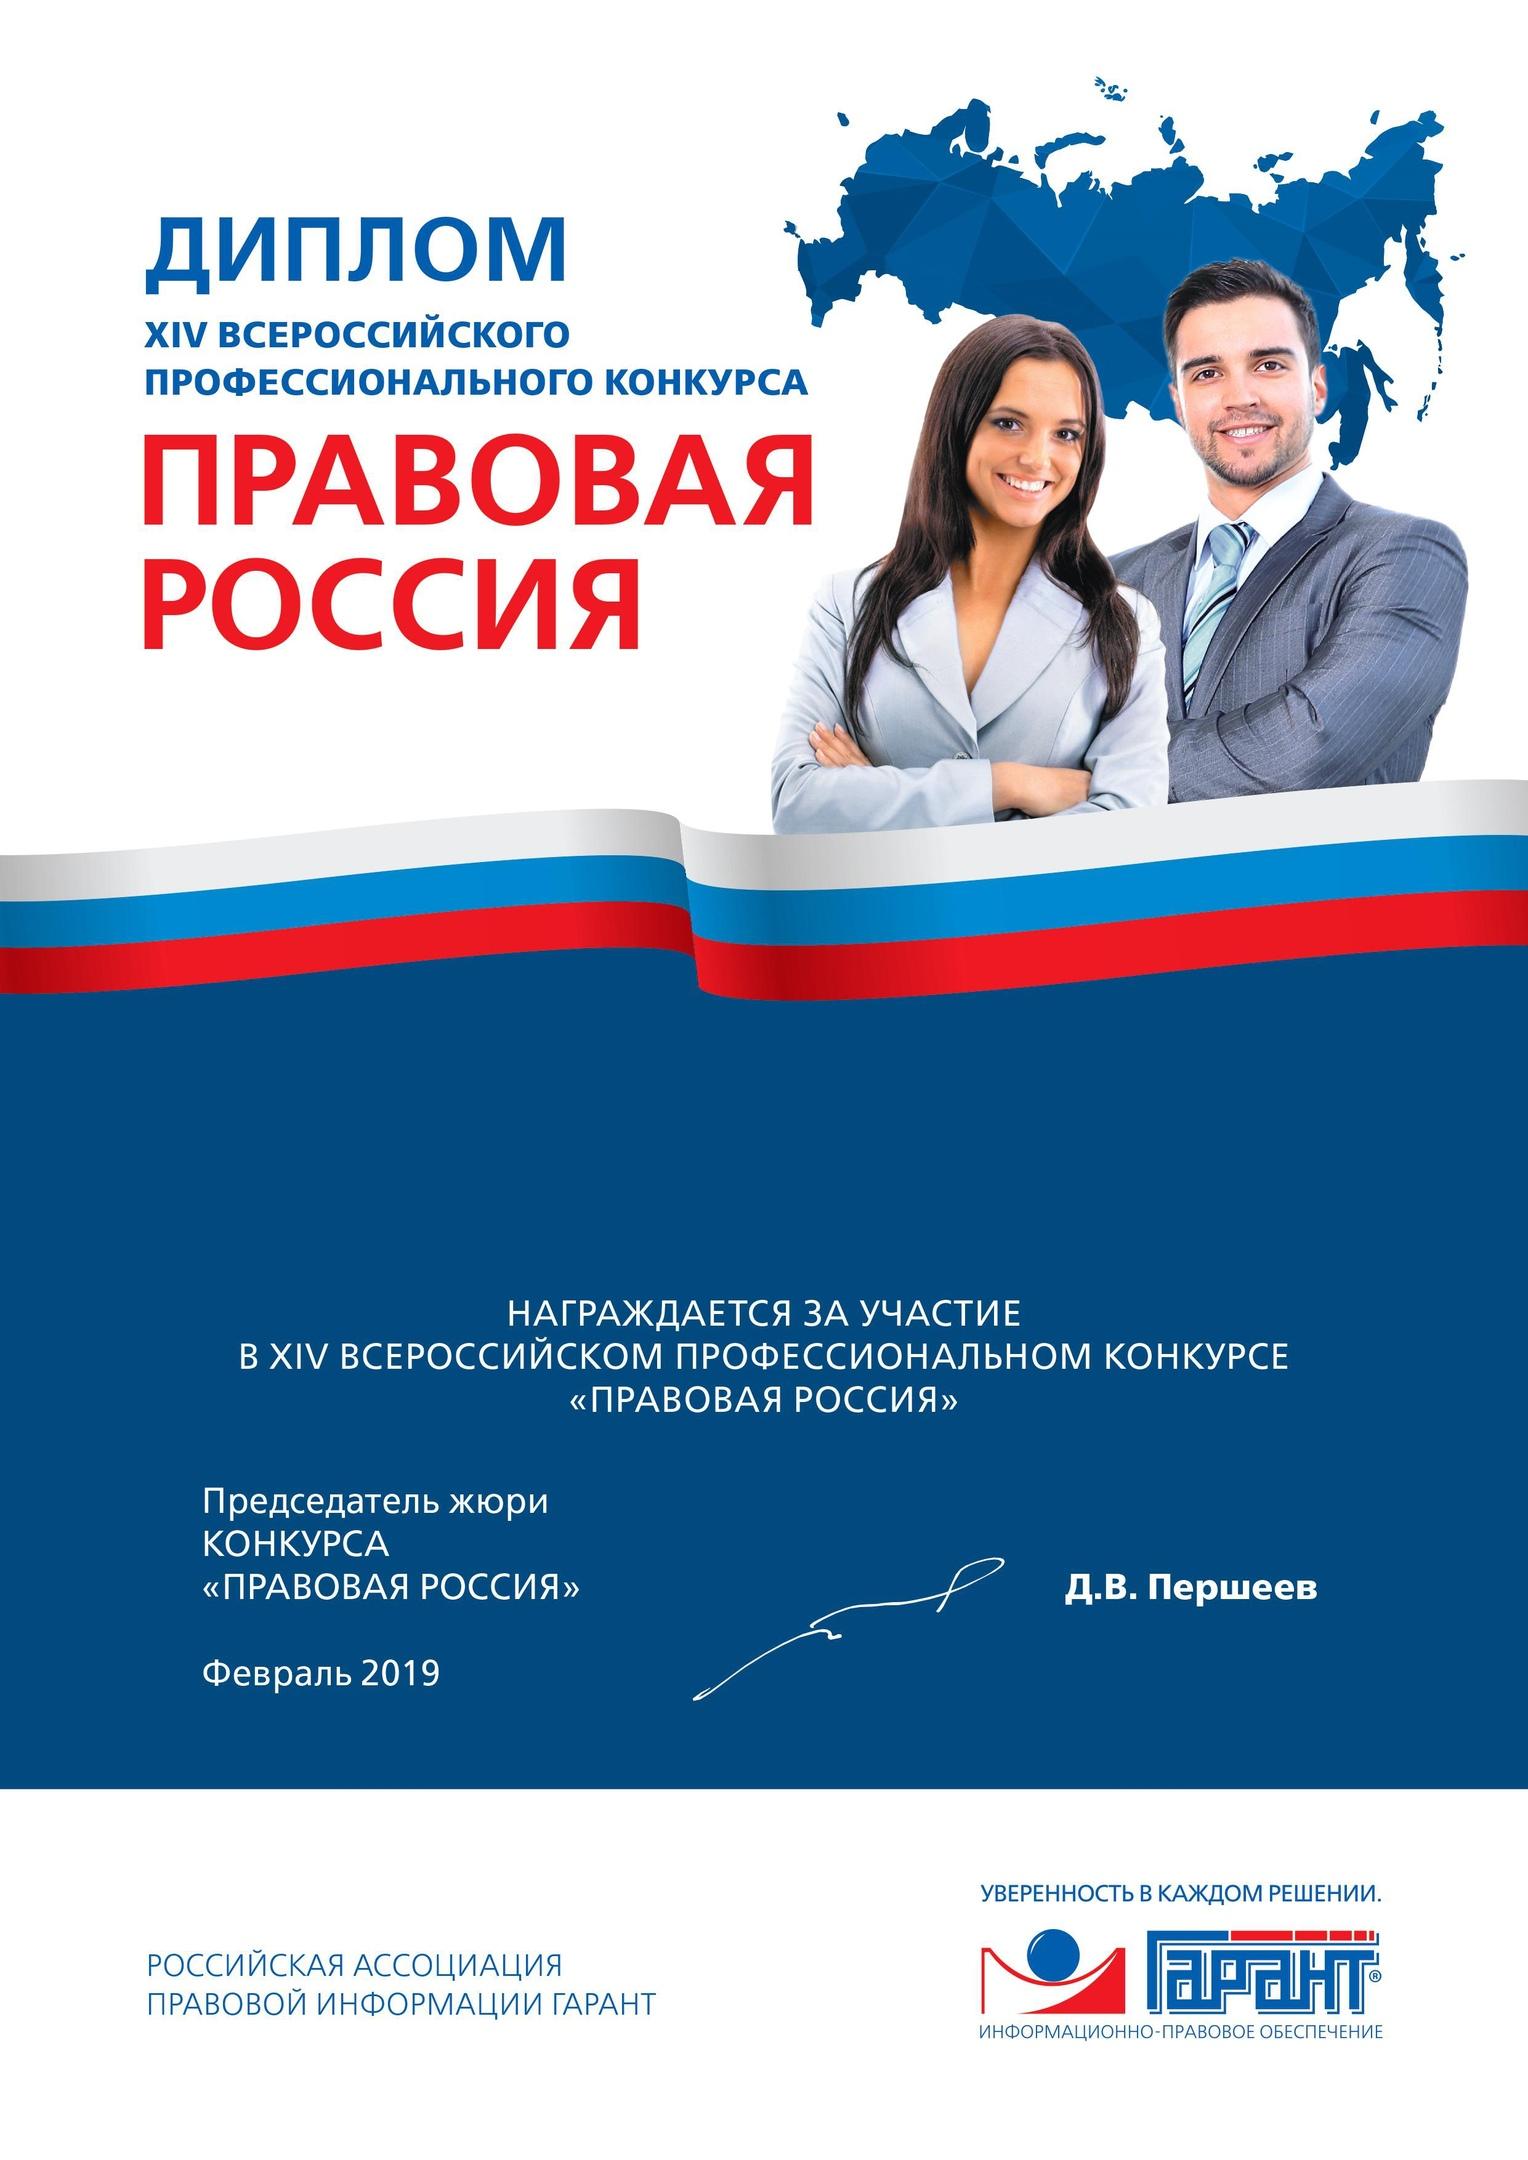 Diplom_pravorus_2019